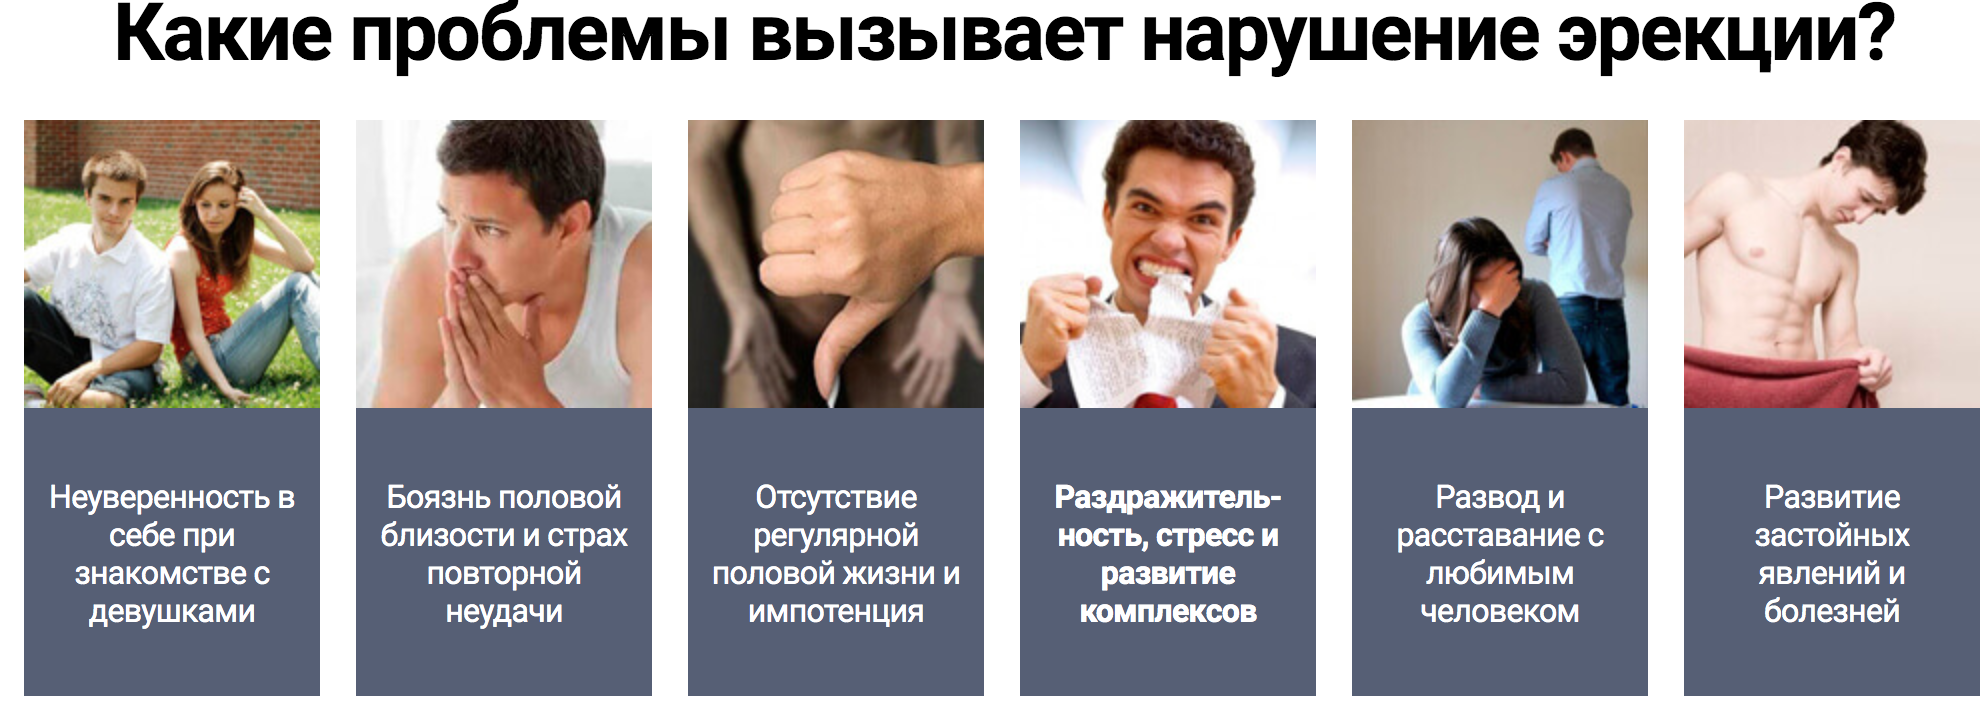 Поднятие потенции у мужчин в домашних условиях - способы и методы, лекарства и народные средства